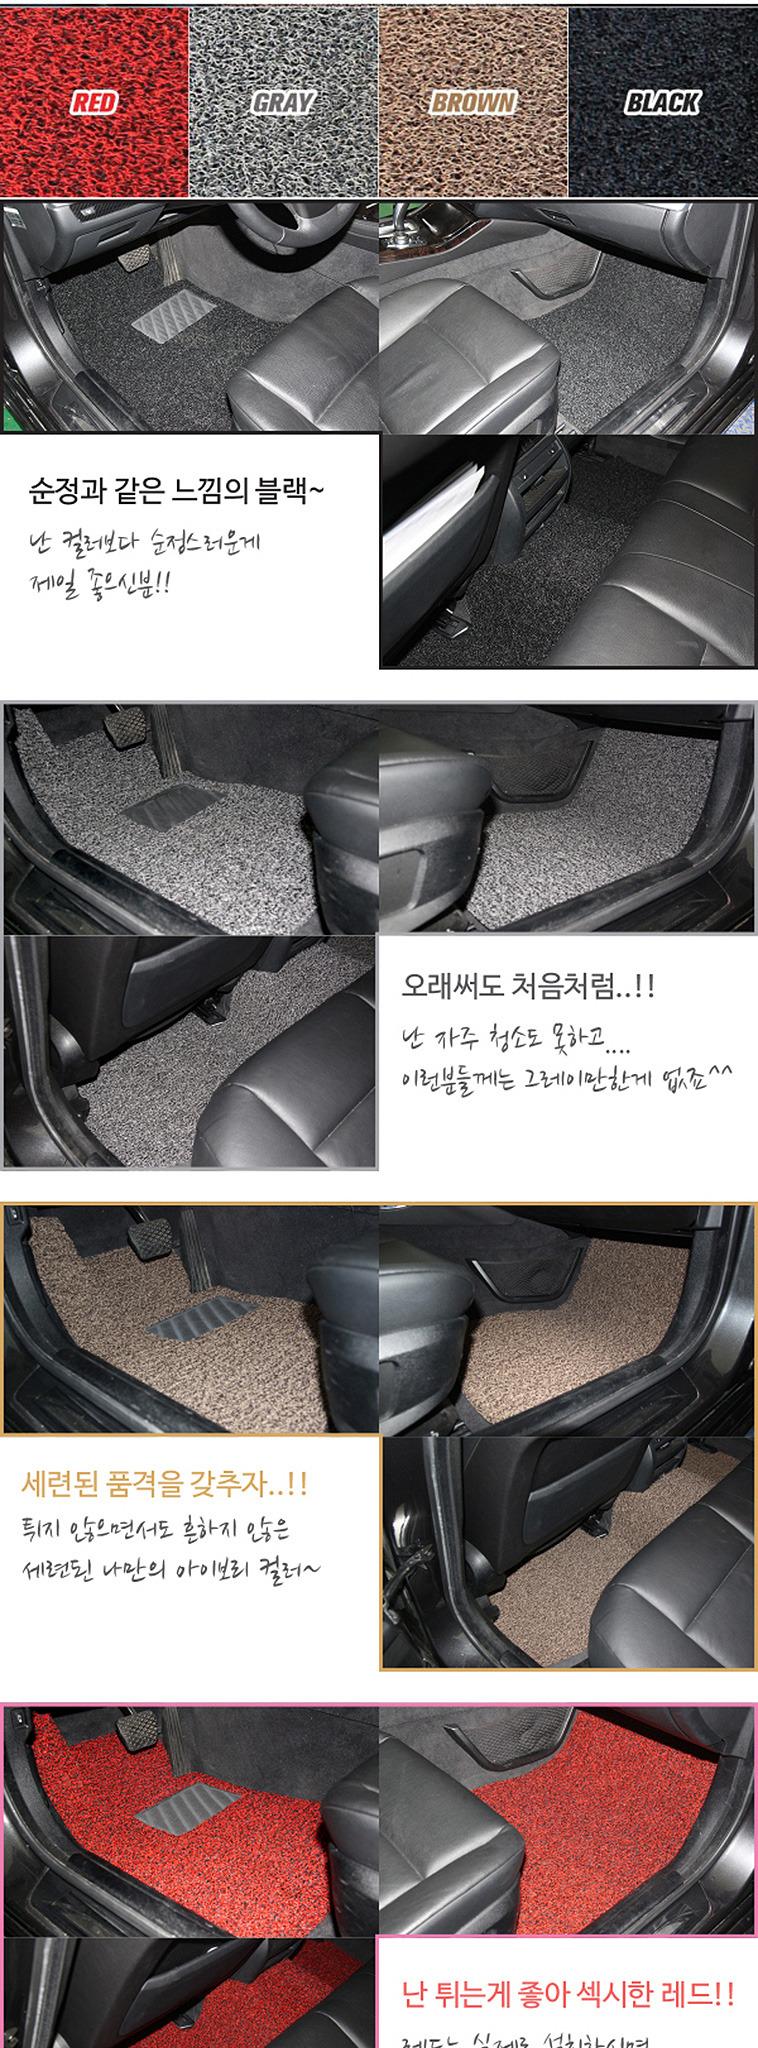 [마이카] K5 올뉴 LPG 코일카매트 - 상세정보